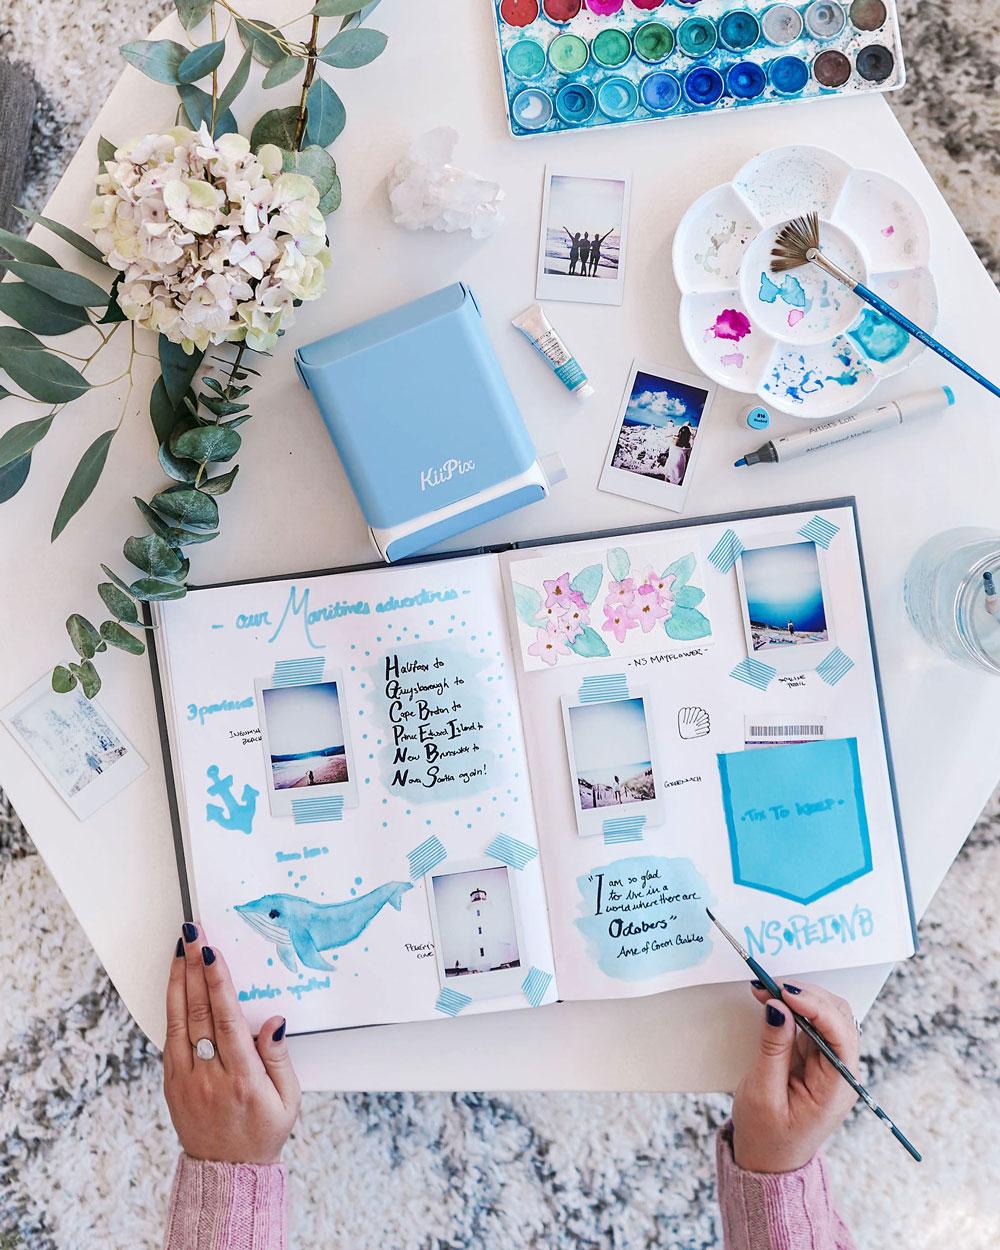 Travel journal ideas